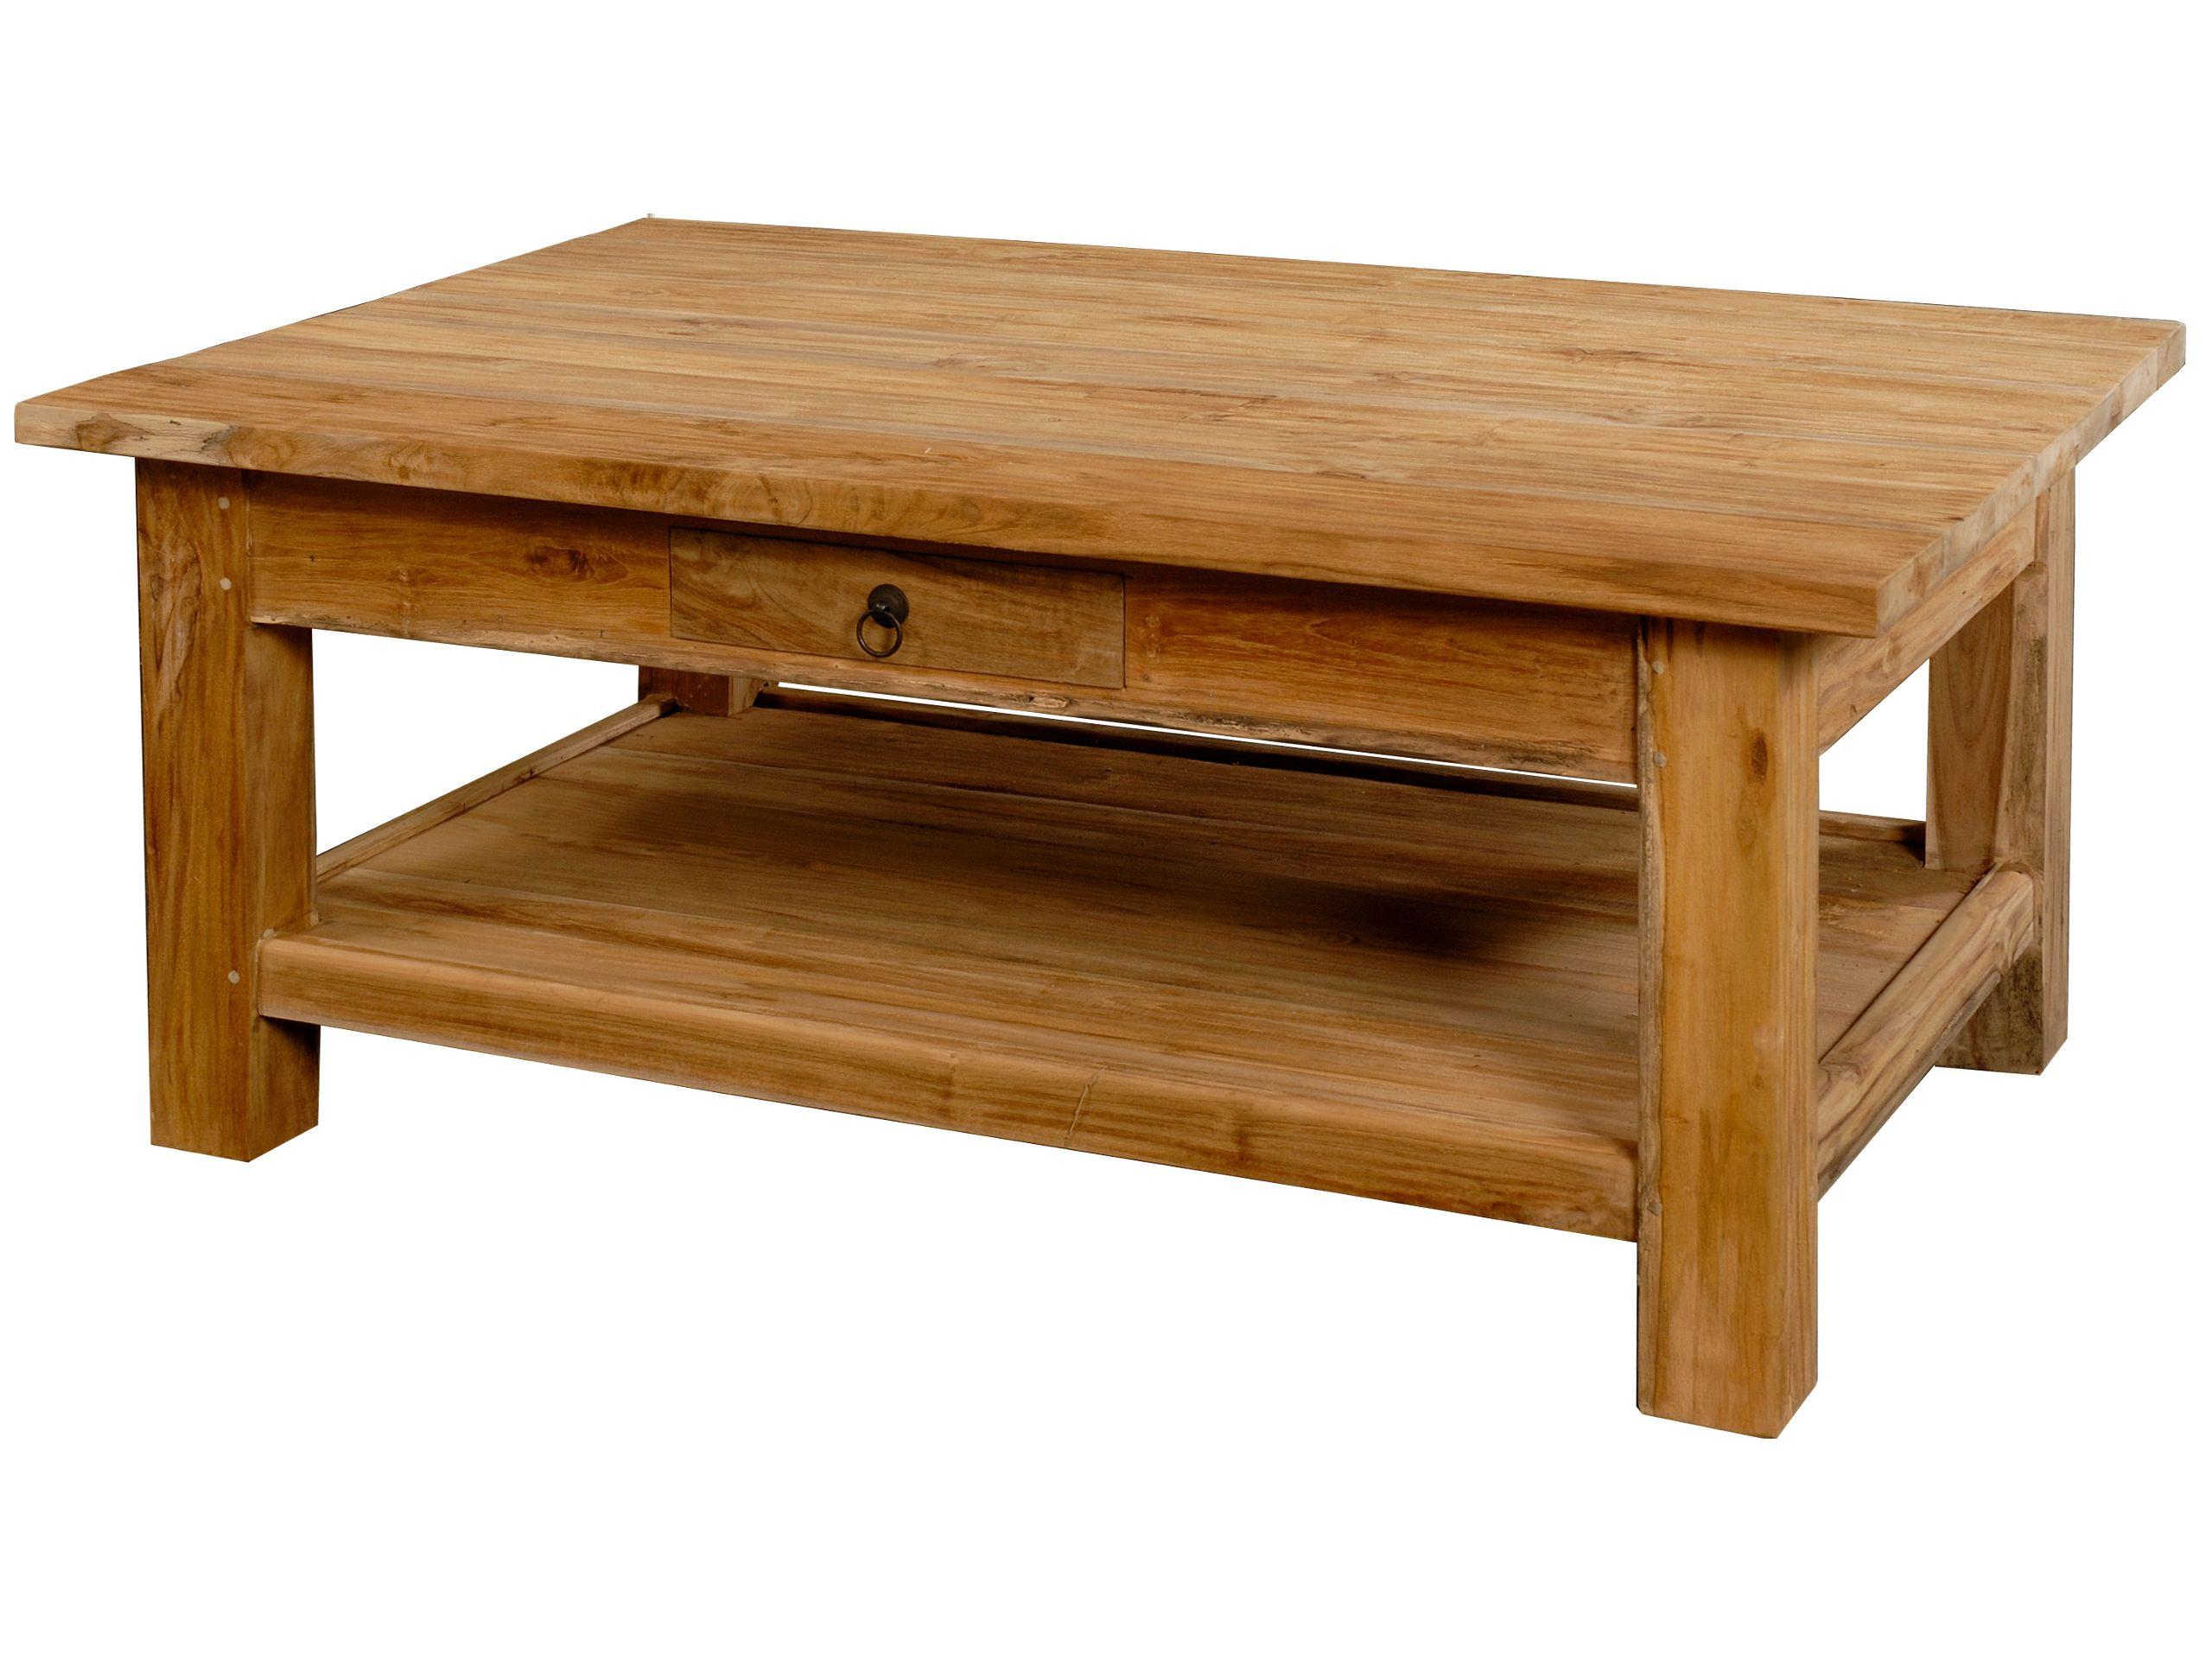 Wohnzimmer Tisch  Wohnzimmertisch Teak 120x80 · Krines Home